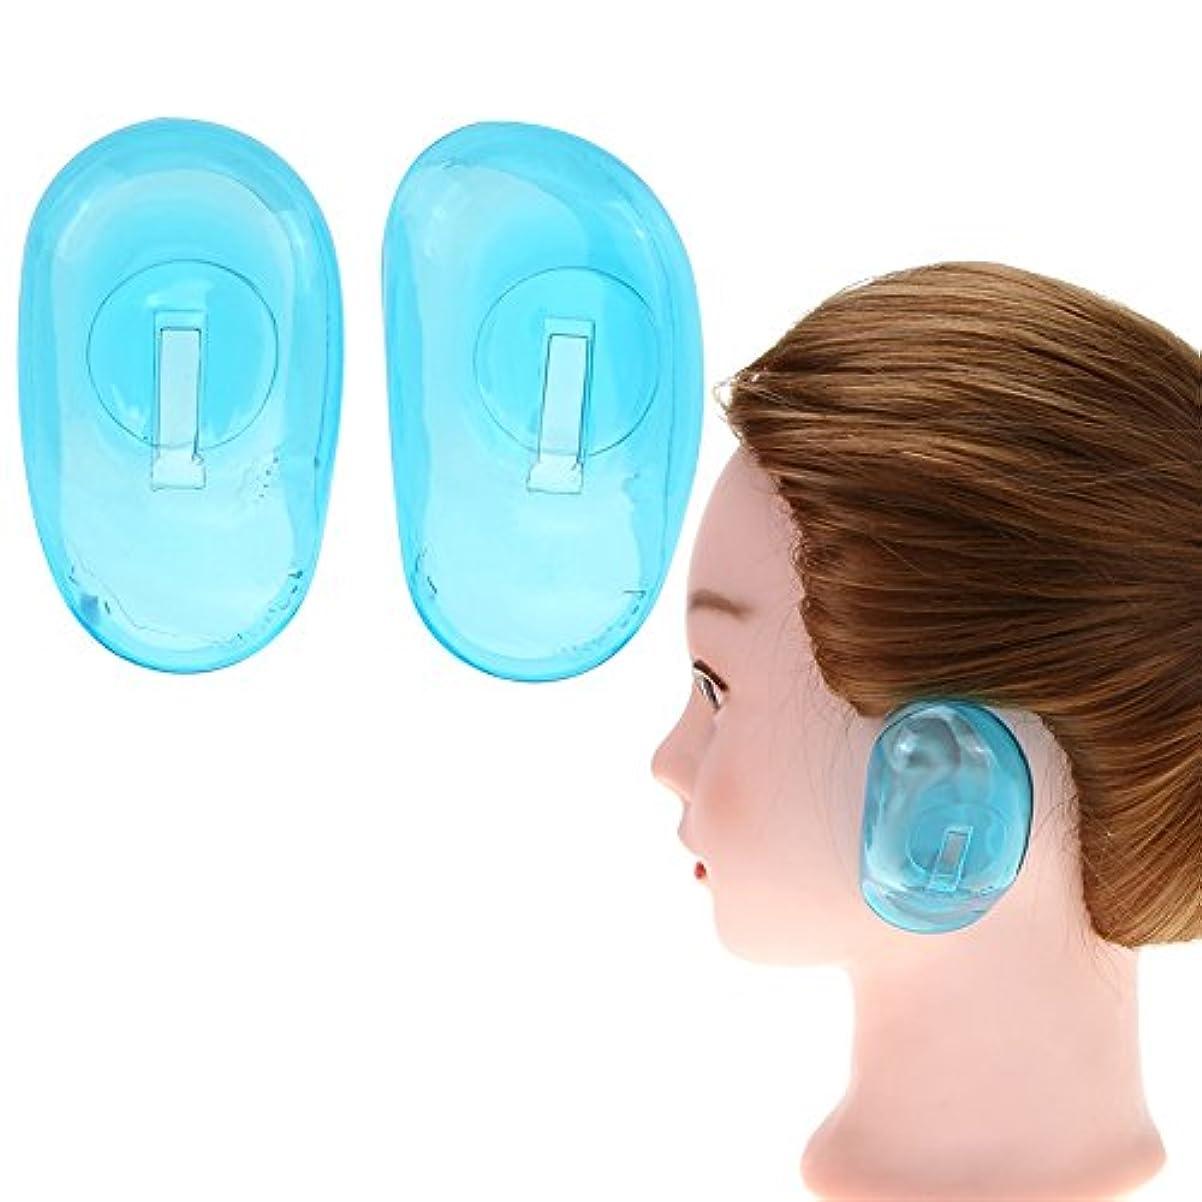 役に立つ慎重にやにやRuier-tong 5ペア耳カバー 毛染め用 シリコン製 耳キャップ 柔らかいイヤーキャップ ヘアカラー シャワー 耳保護 ヘアケアツール サロン 洗える 繰り返す使用可能 エコ 8.5x5cm